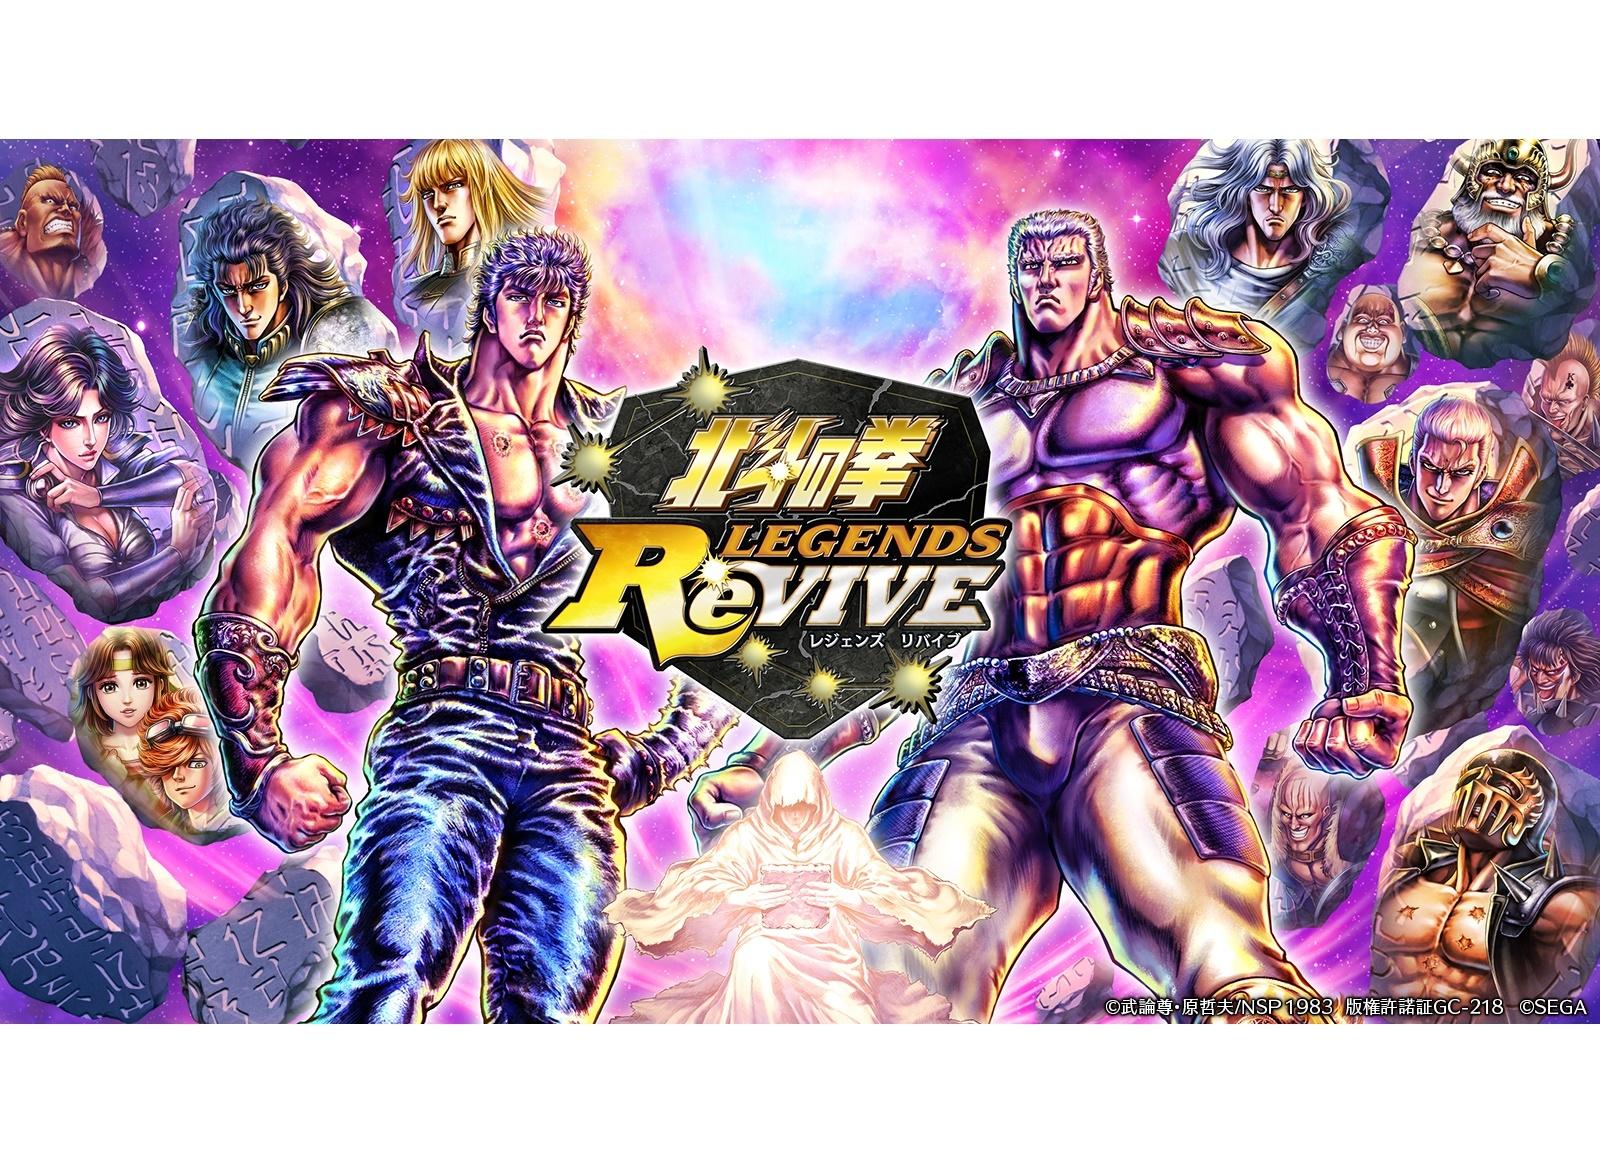 『北斗の拳 LEGENDS ReVIVE』配信決定!先行テストプレイ募集開始